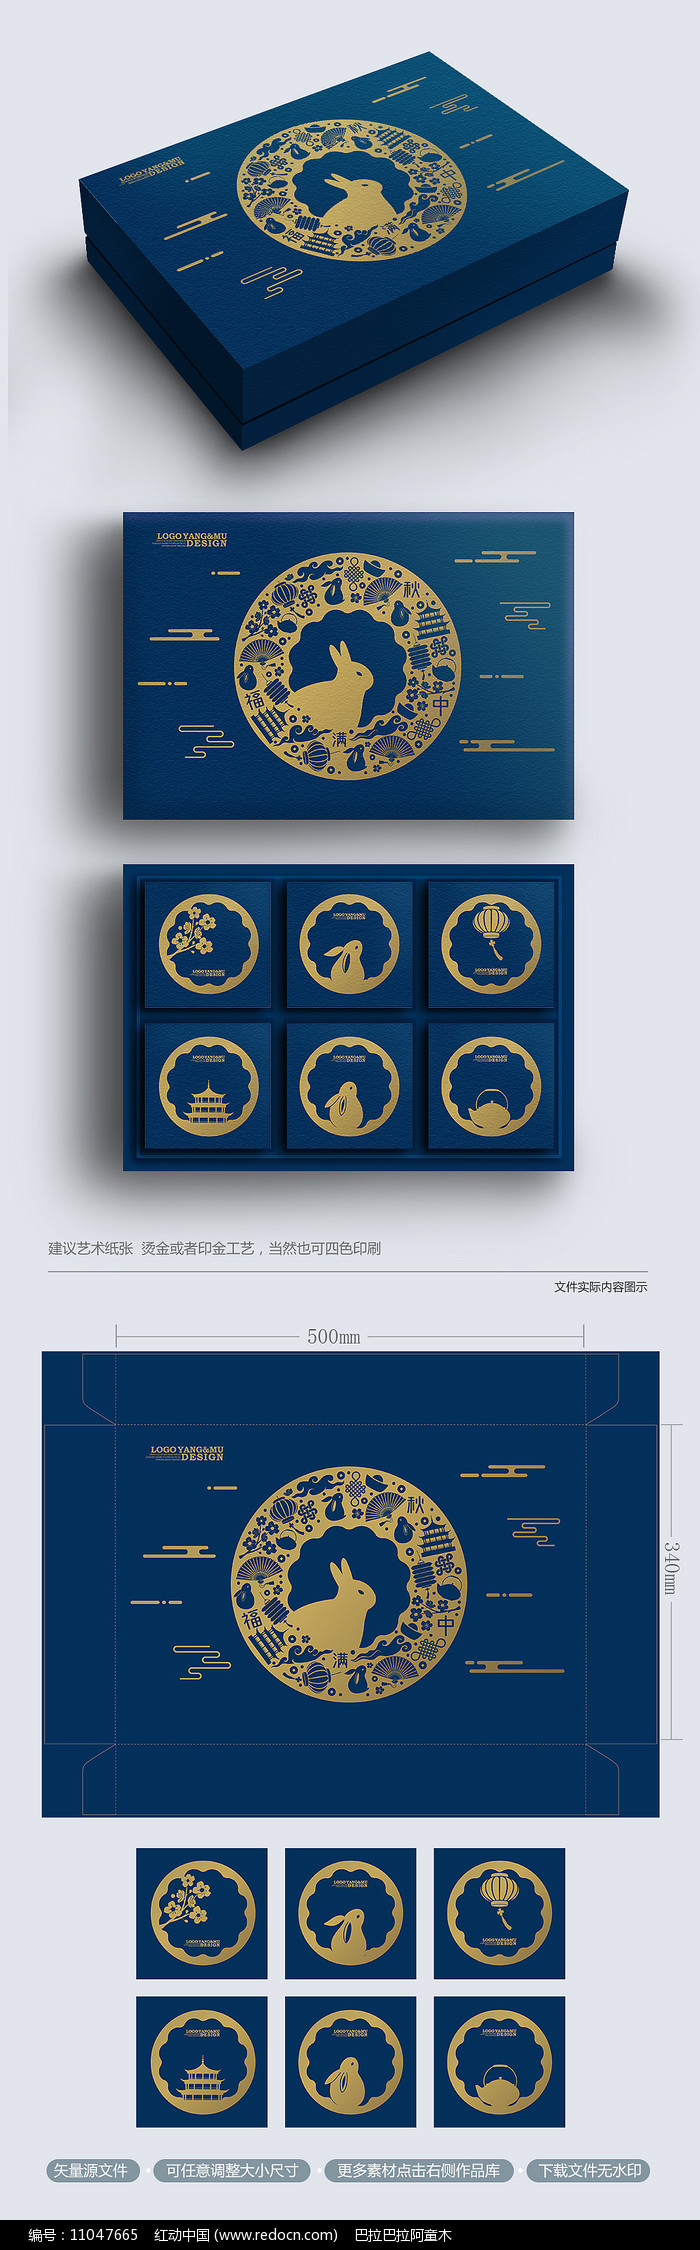 原创蓝色简约高端大气中秋月饼包装礼盒图片